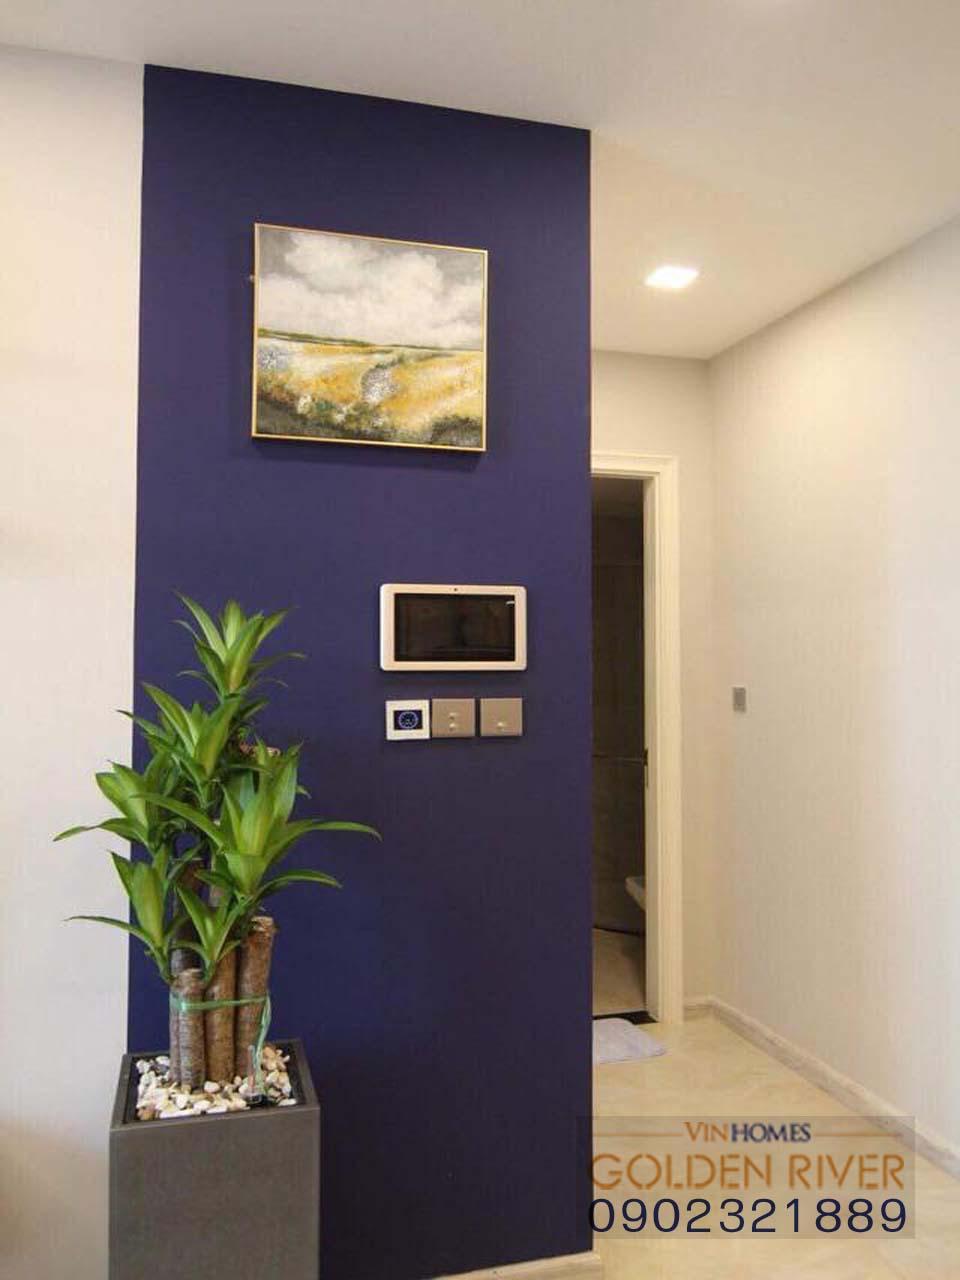 Vinhome Ba Son cho thuê căn hộ 51m2 nội thất cực đẹp - hình 9